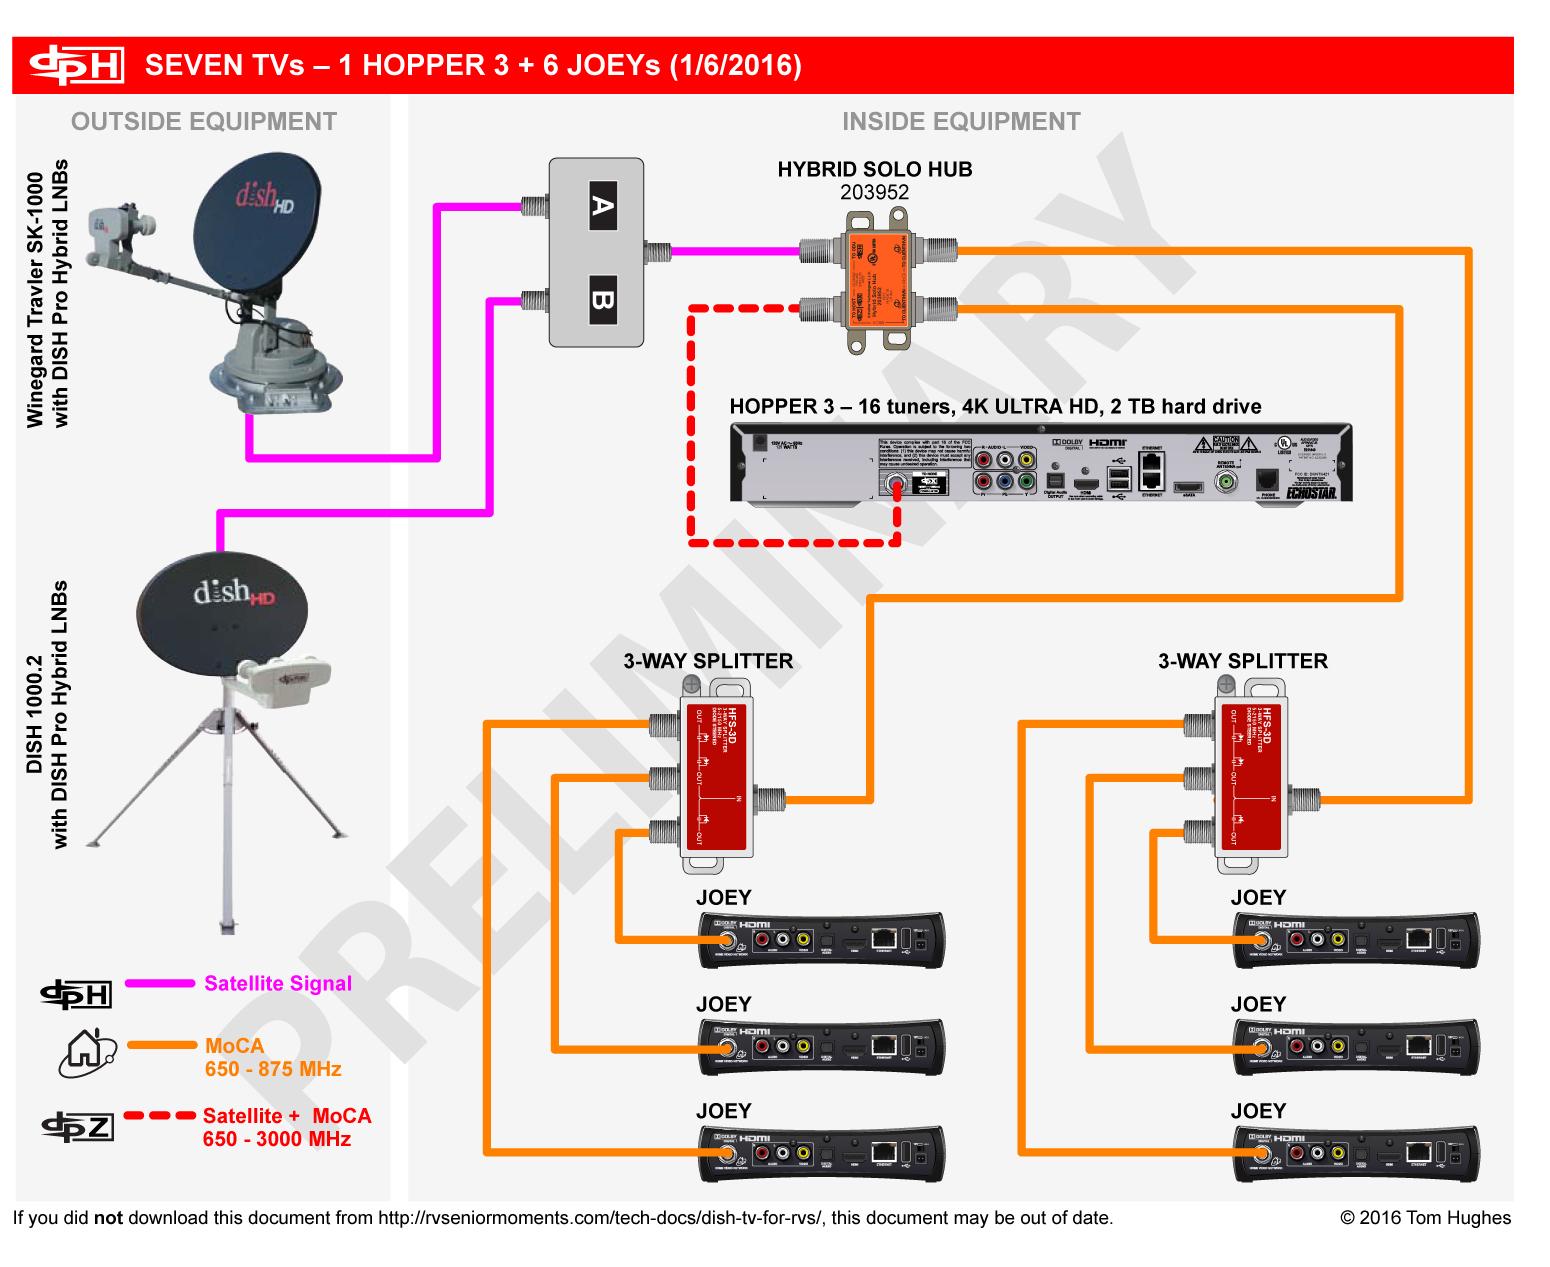 hopper setup diagram circle of three phase induction motor dish pro hybrid winegard travler upgrade (no longer recommended)   rvseniormoments